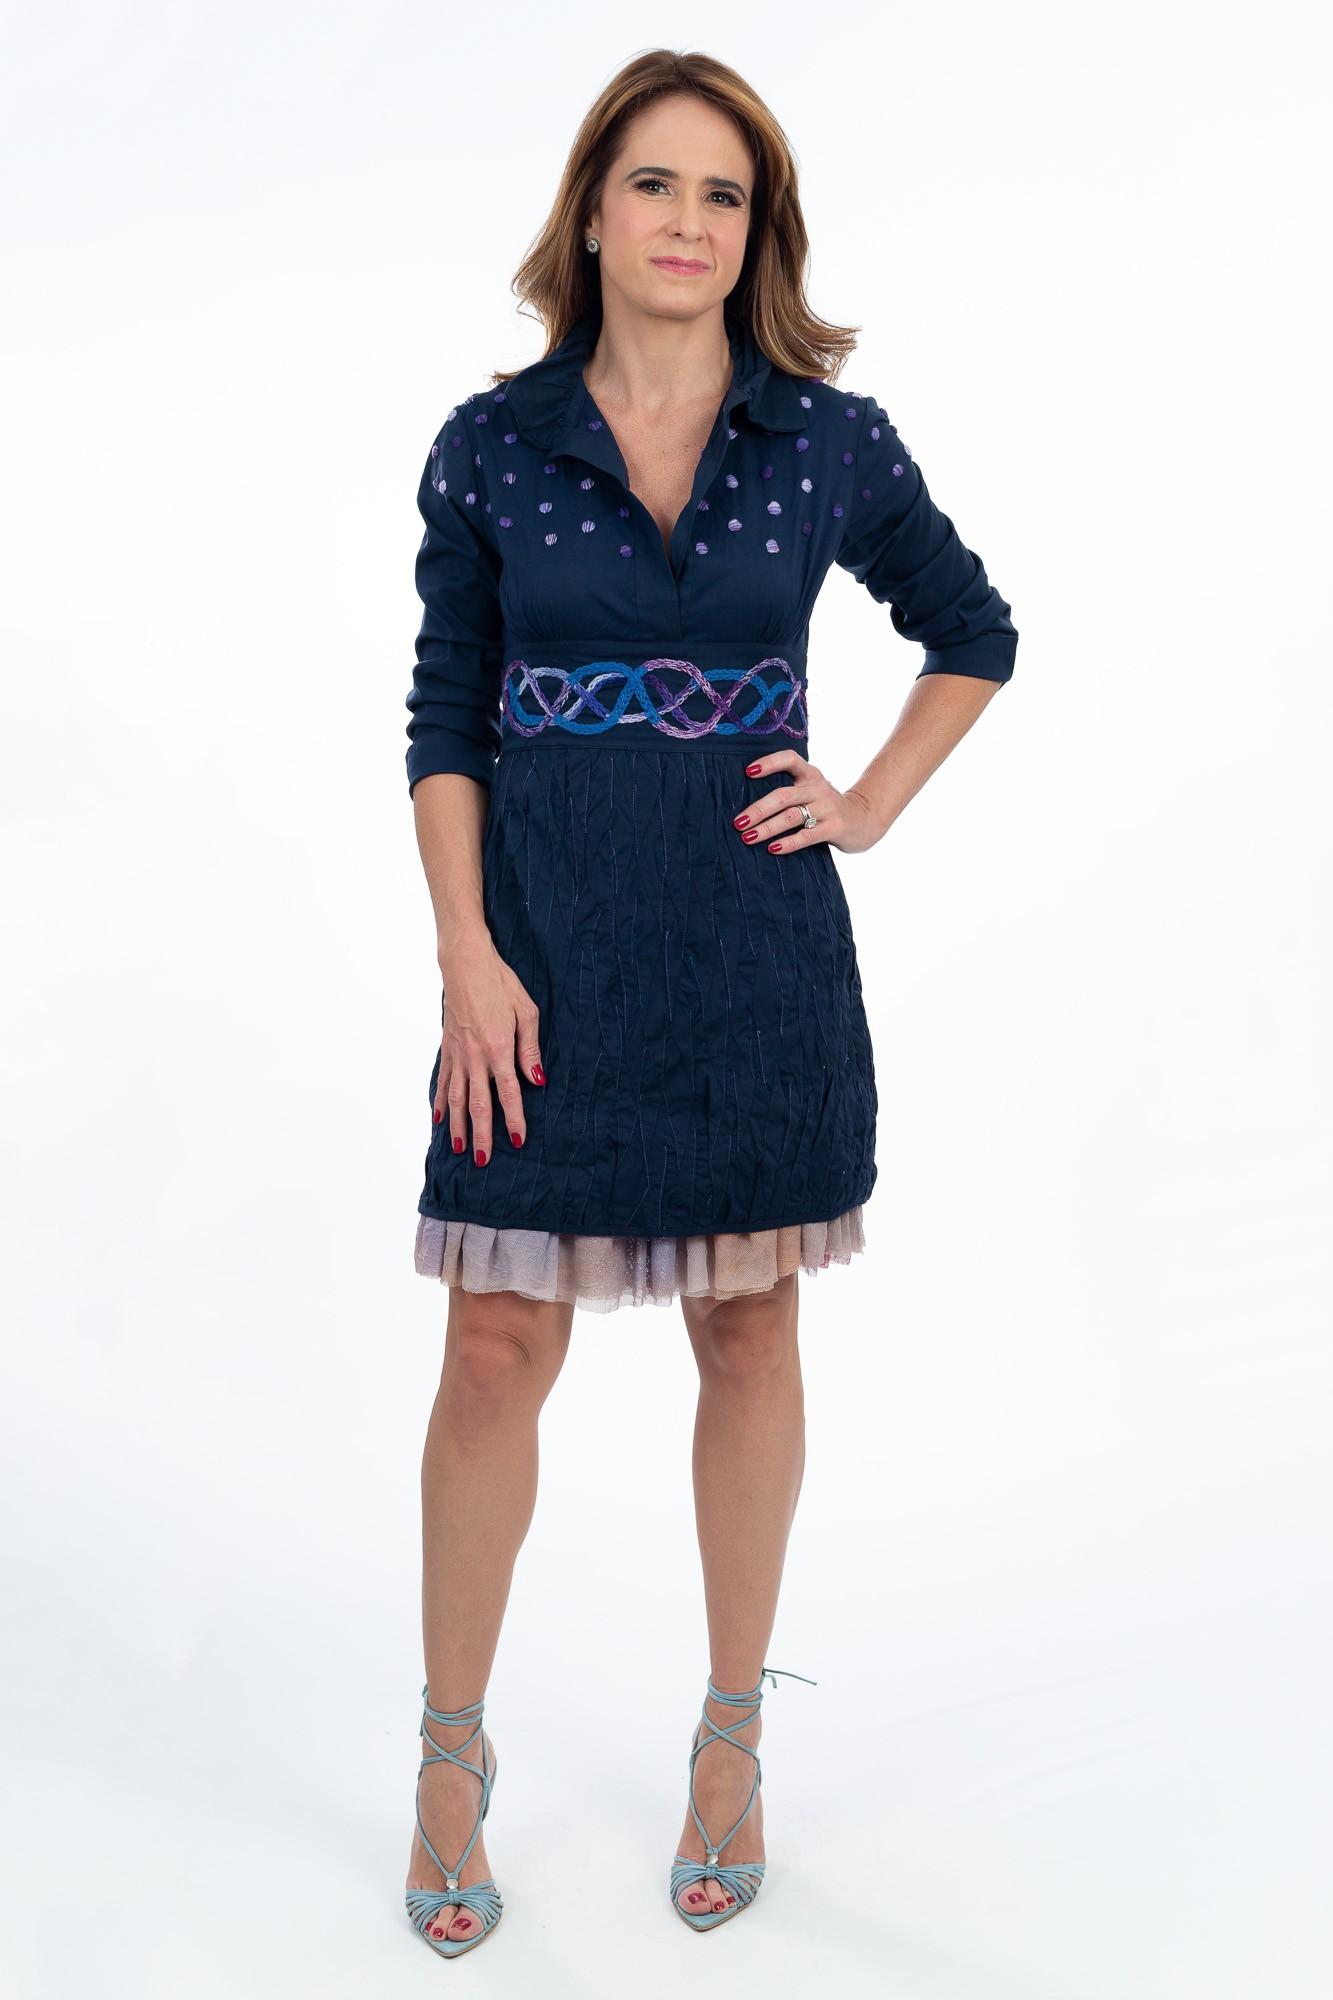 Vestido marinho bordado azul e lilás Daniela Martins tam 38